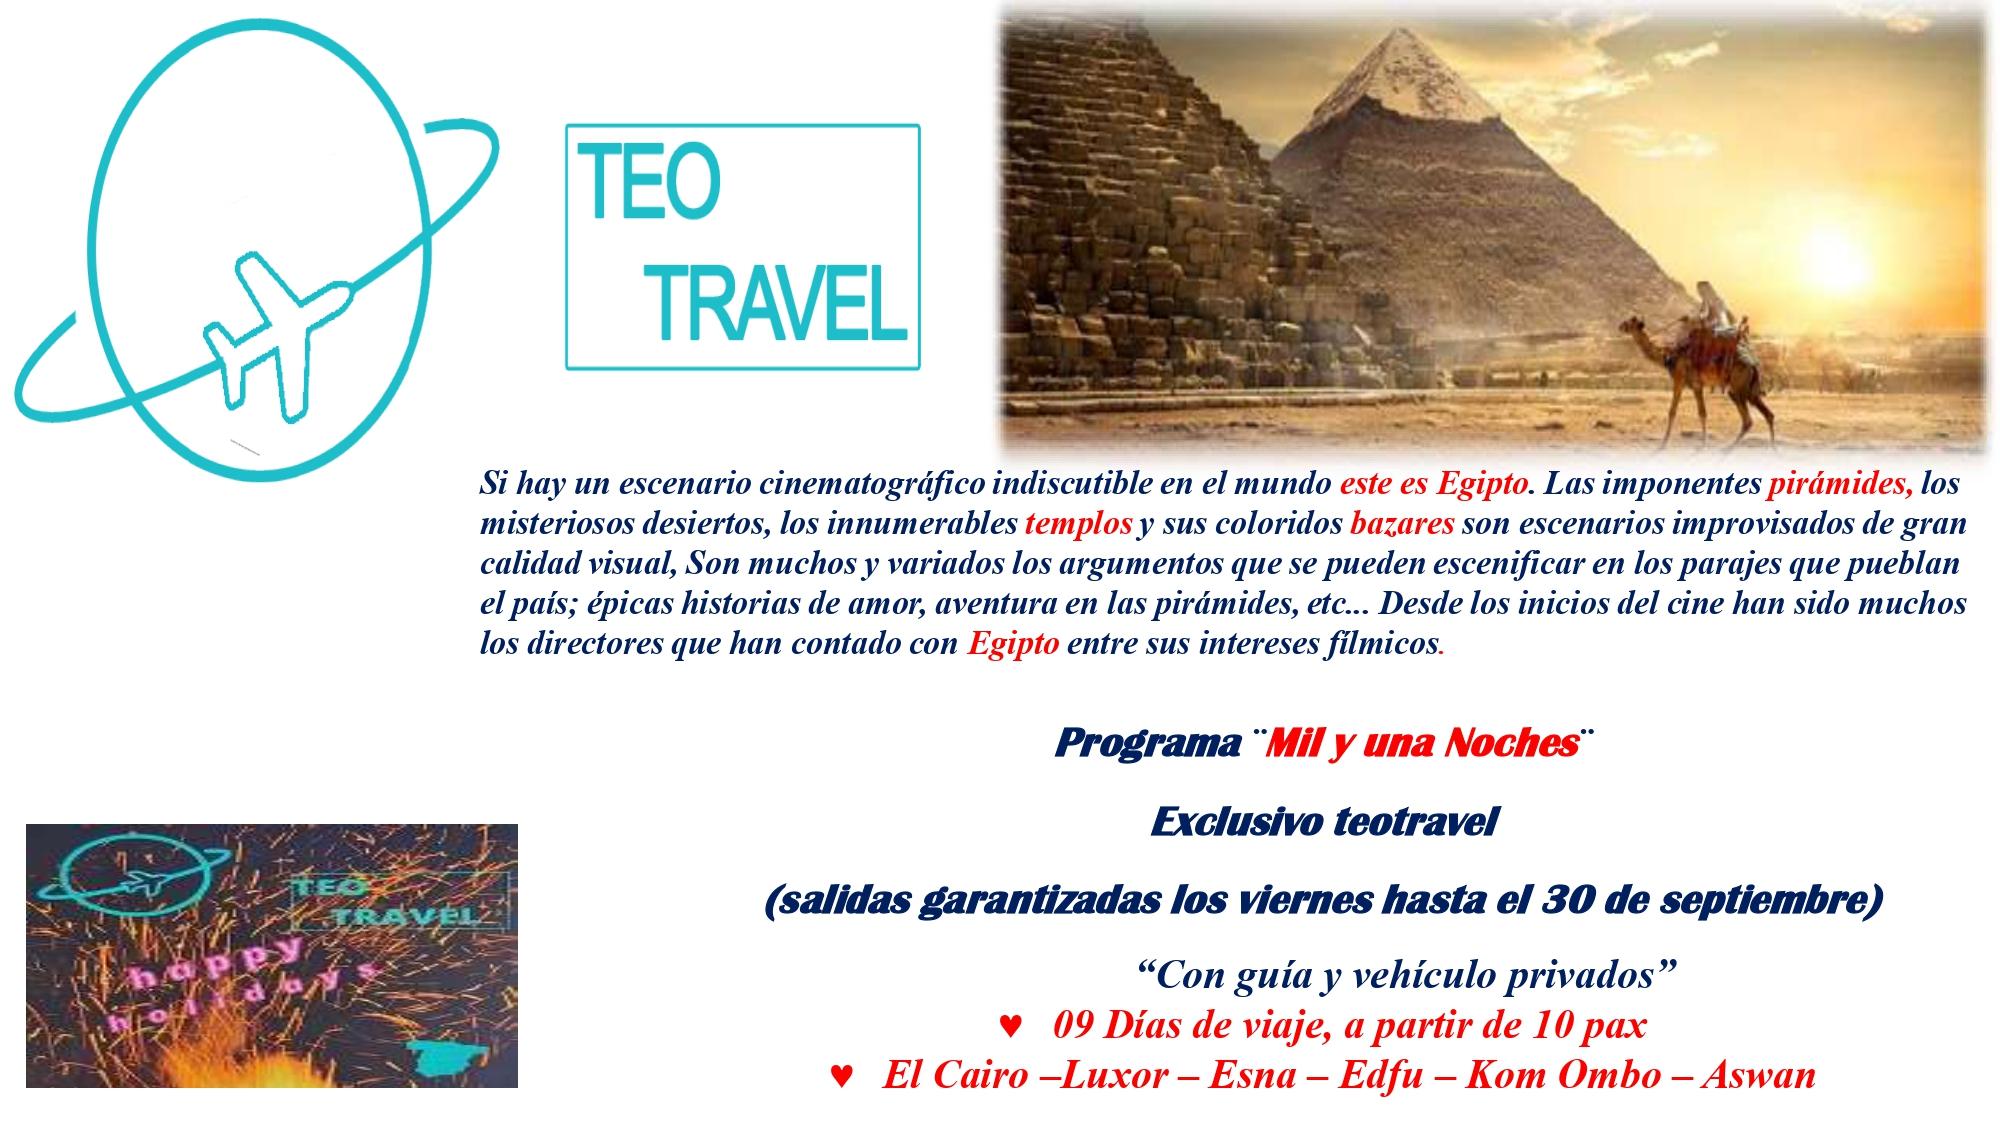 las mil y una noches Teotravel page 0001